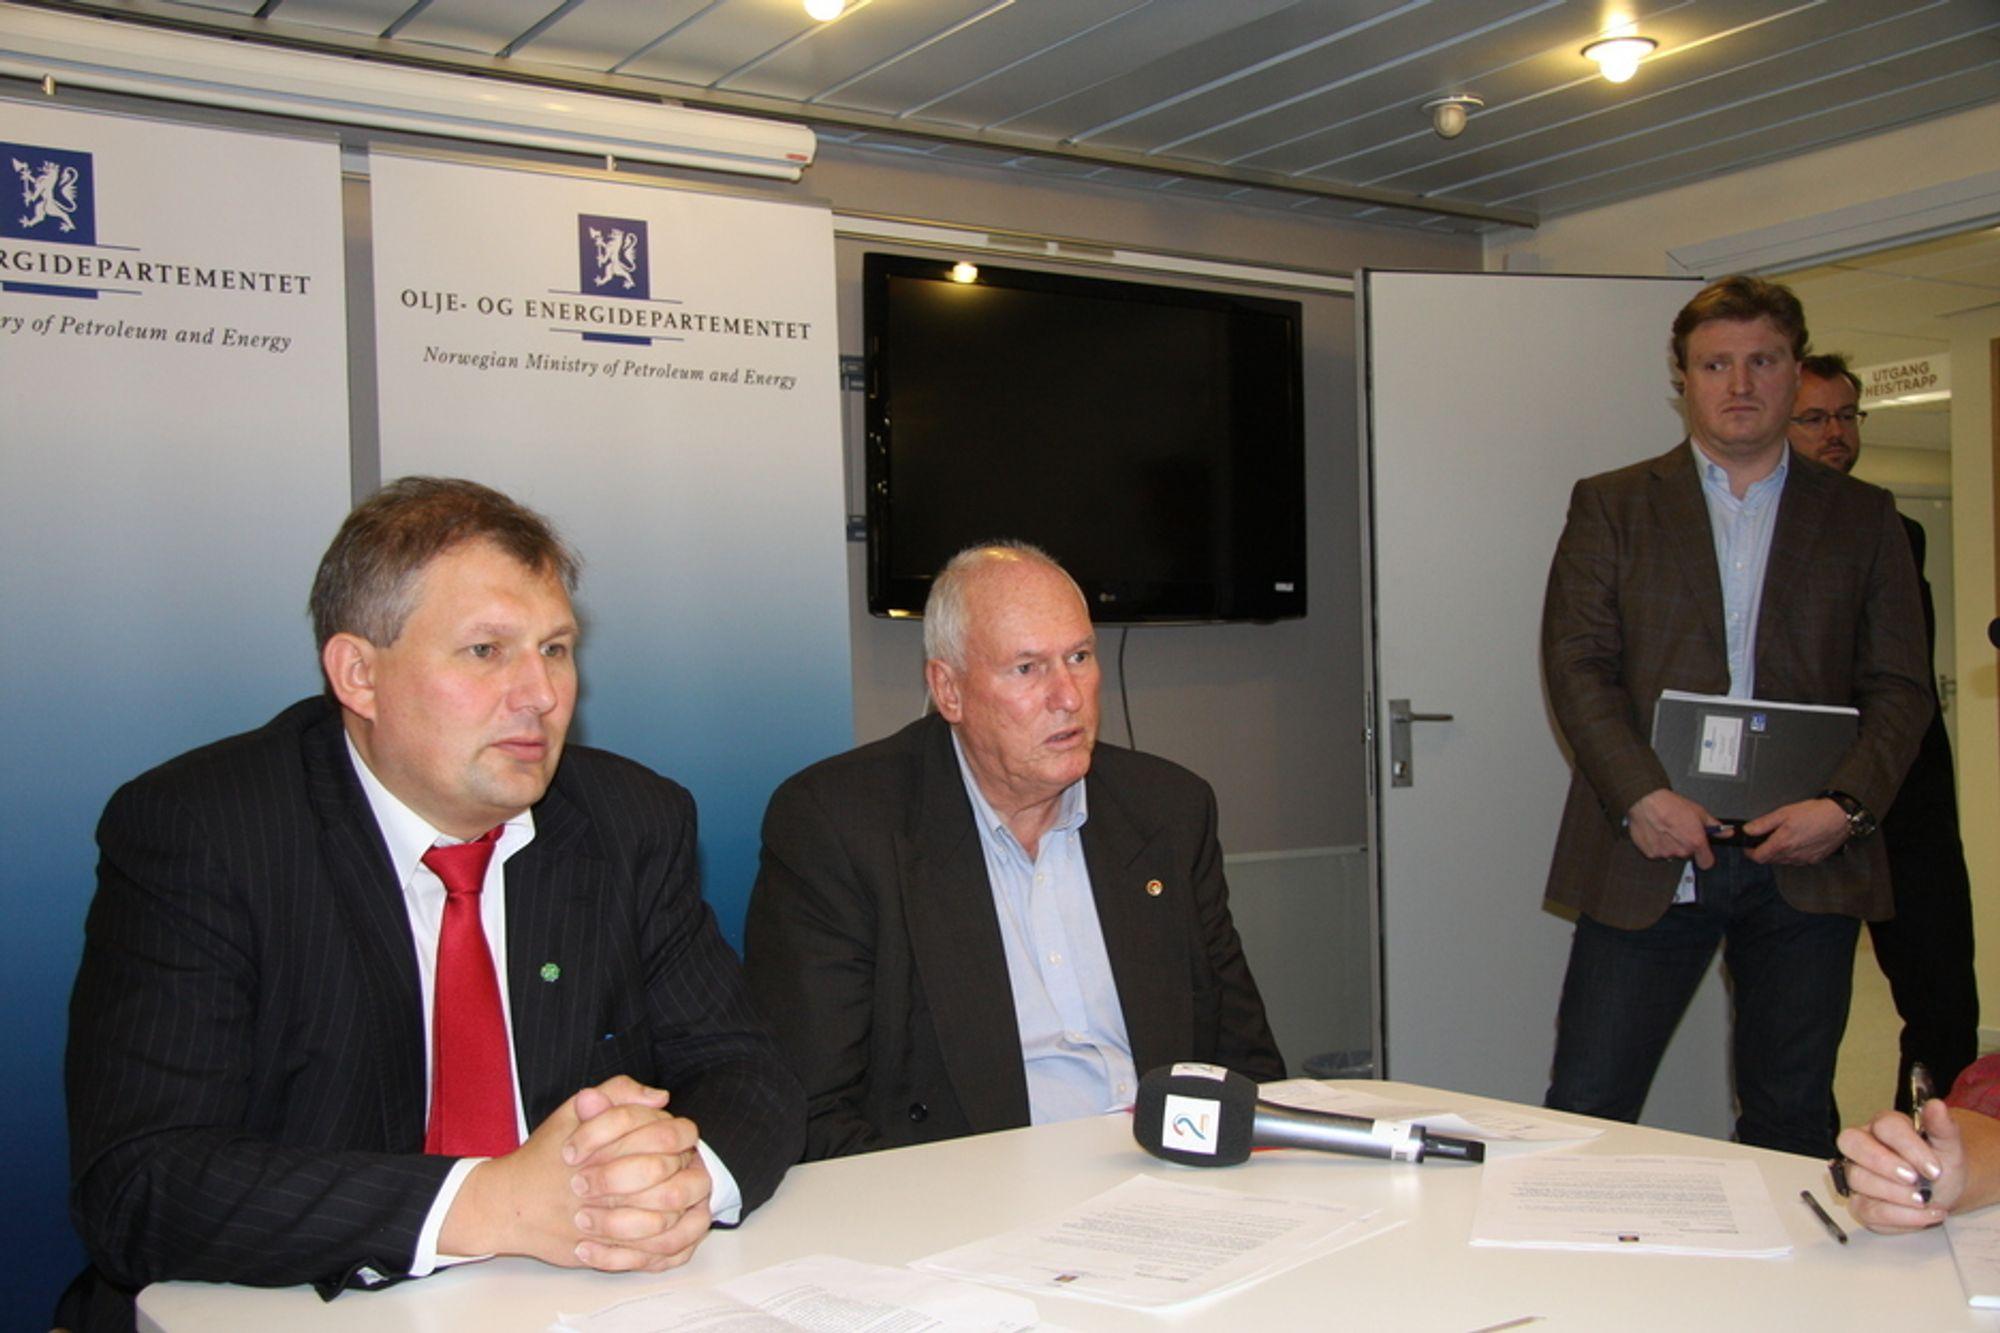 Olje- og energiminister Terje Riis-Johansen møtte i dag LO-leder Roar Flåthen for å snakke om industriens utfordringer fremover.